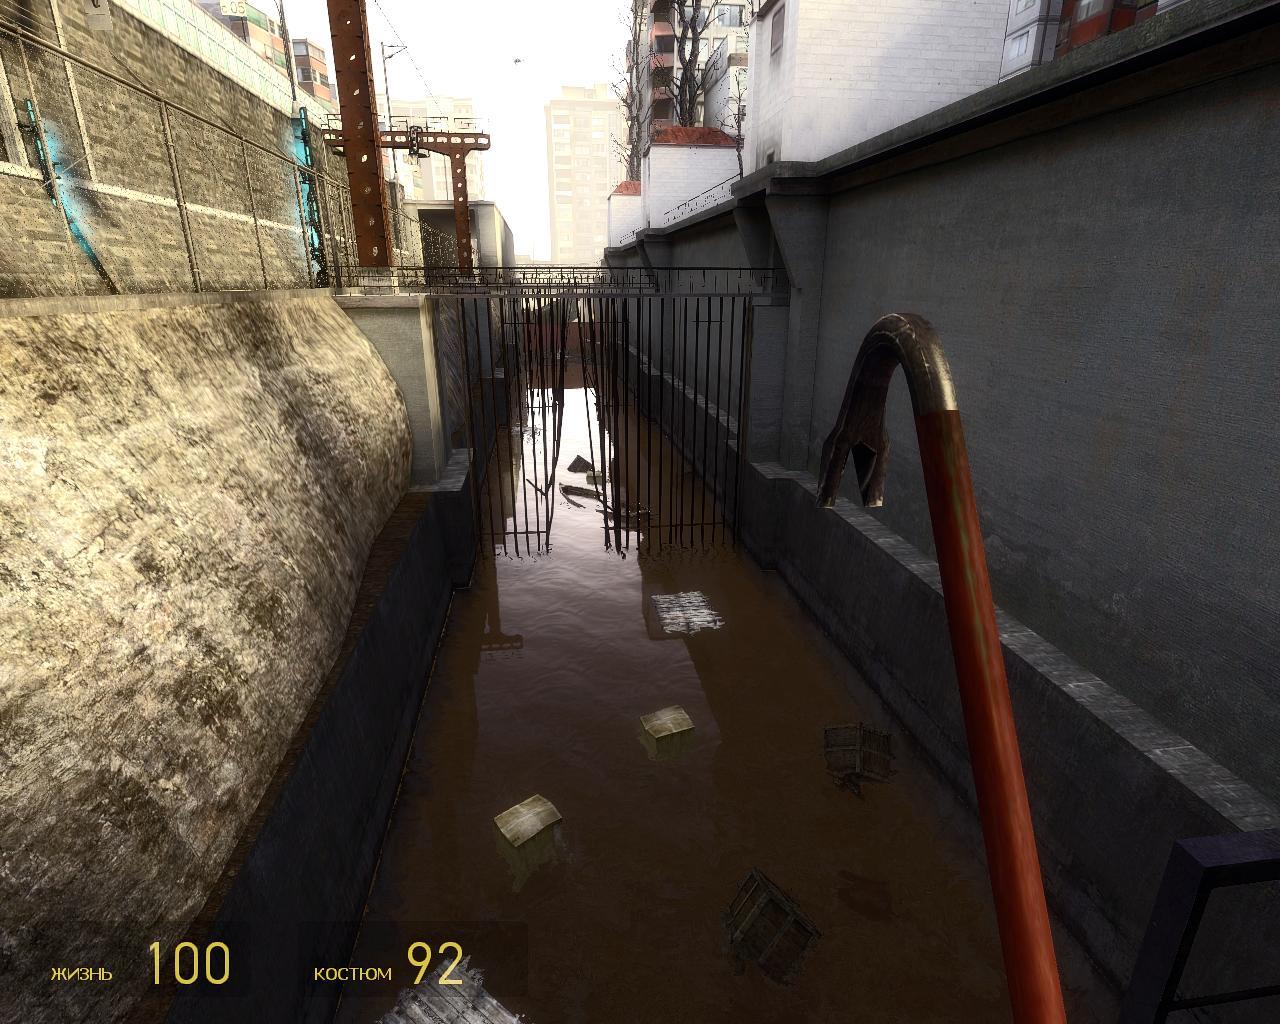 hl2 2013-03-17 09-06-13-97.jpg - Half-Life 2 Half-Life 2: FakeFactory Cinematic Mod V12.21